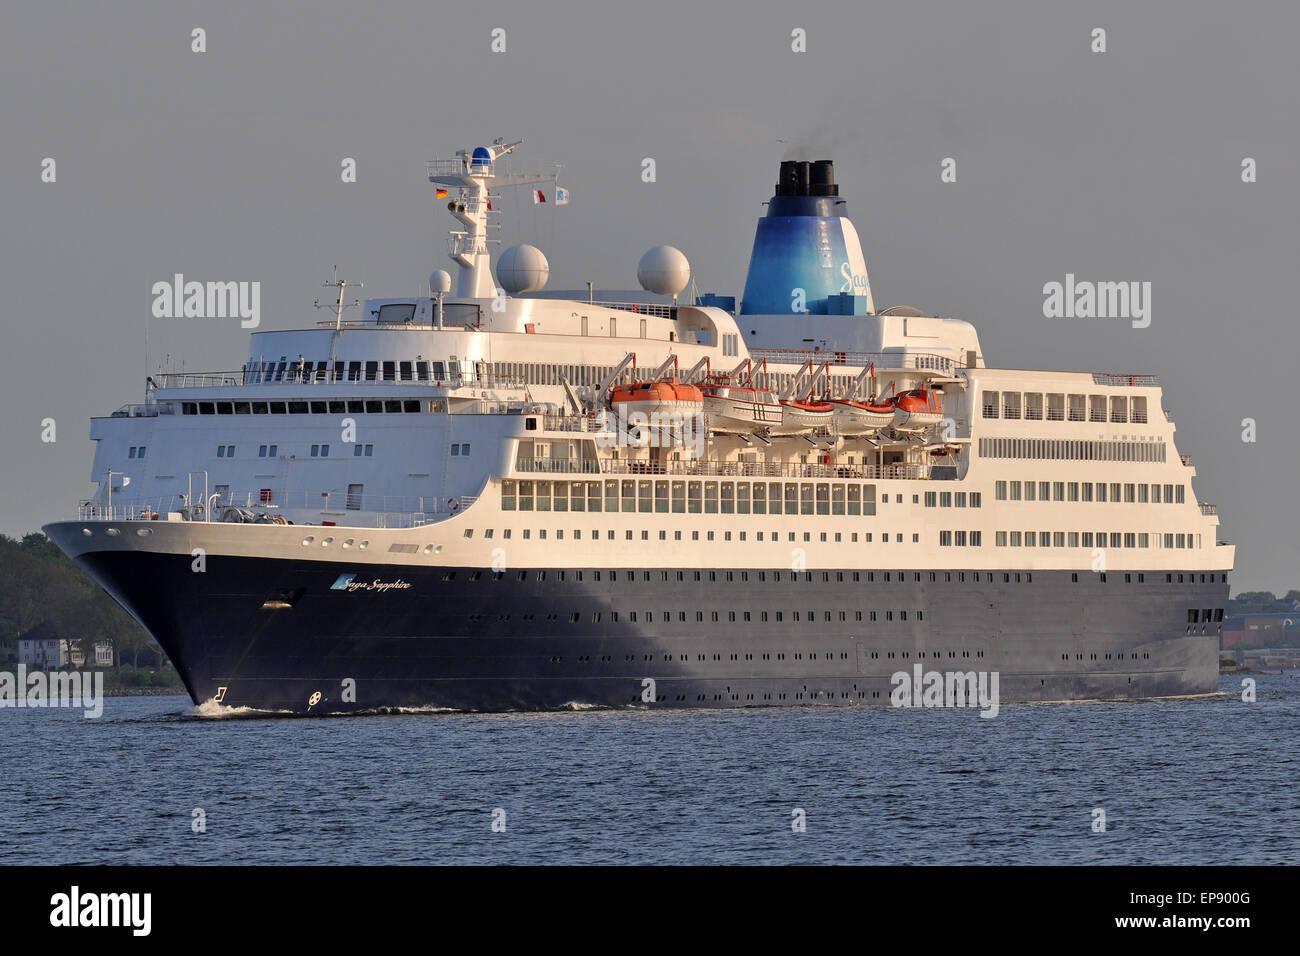 Cruiseship Saga Sapphire outbound Kiel Fjord - Stock Image